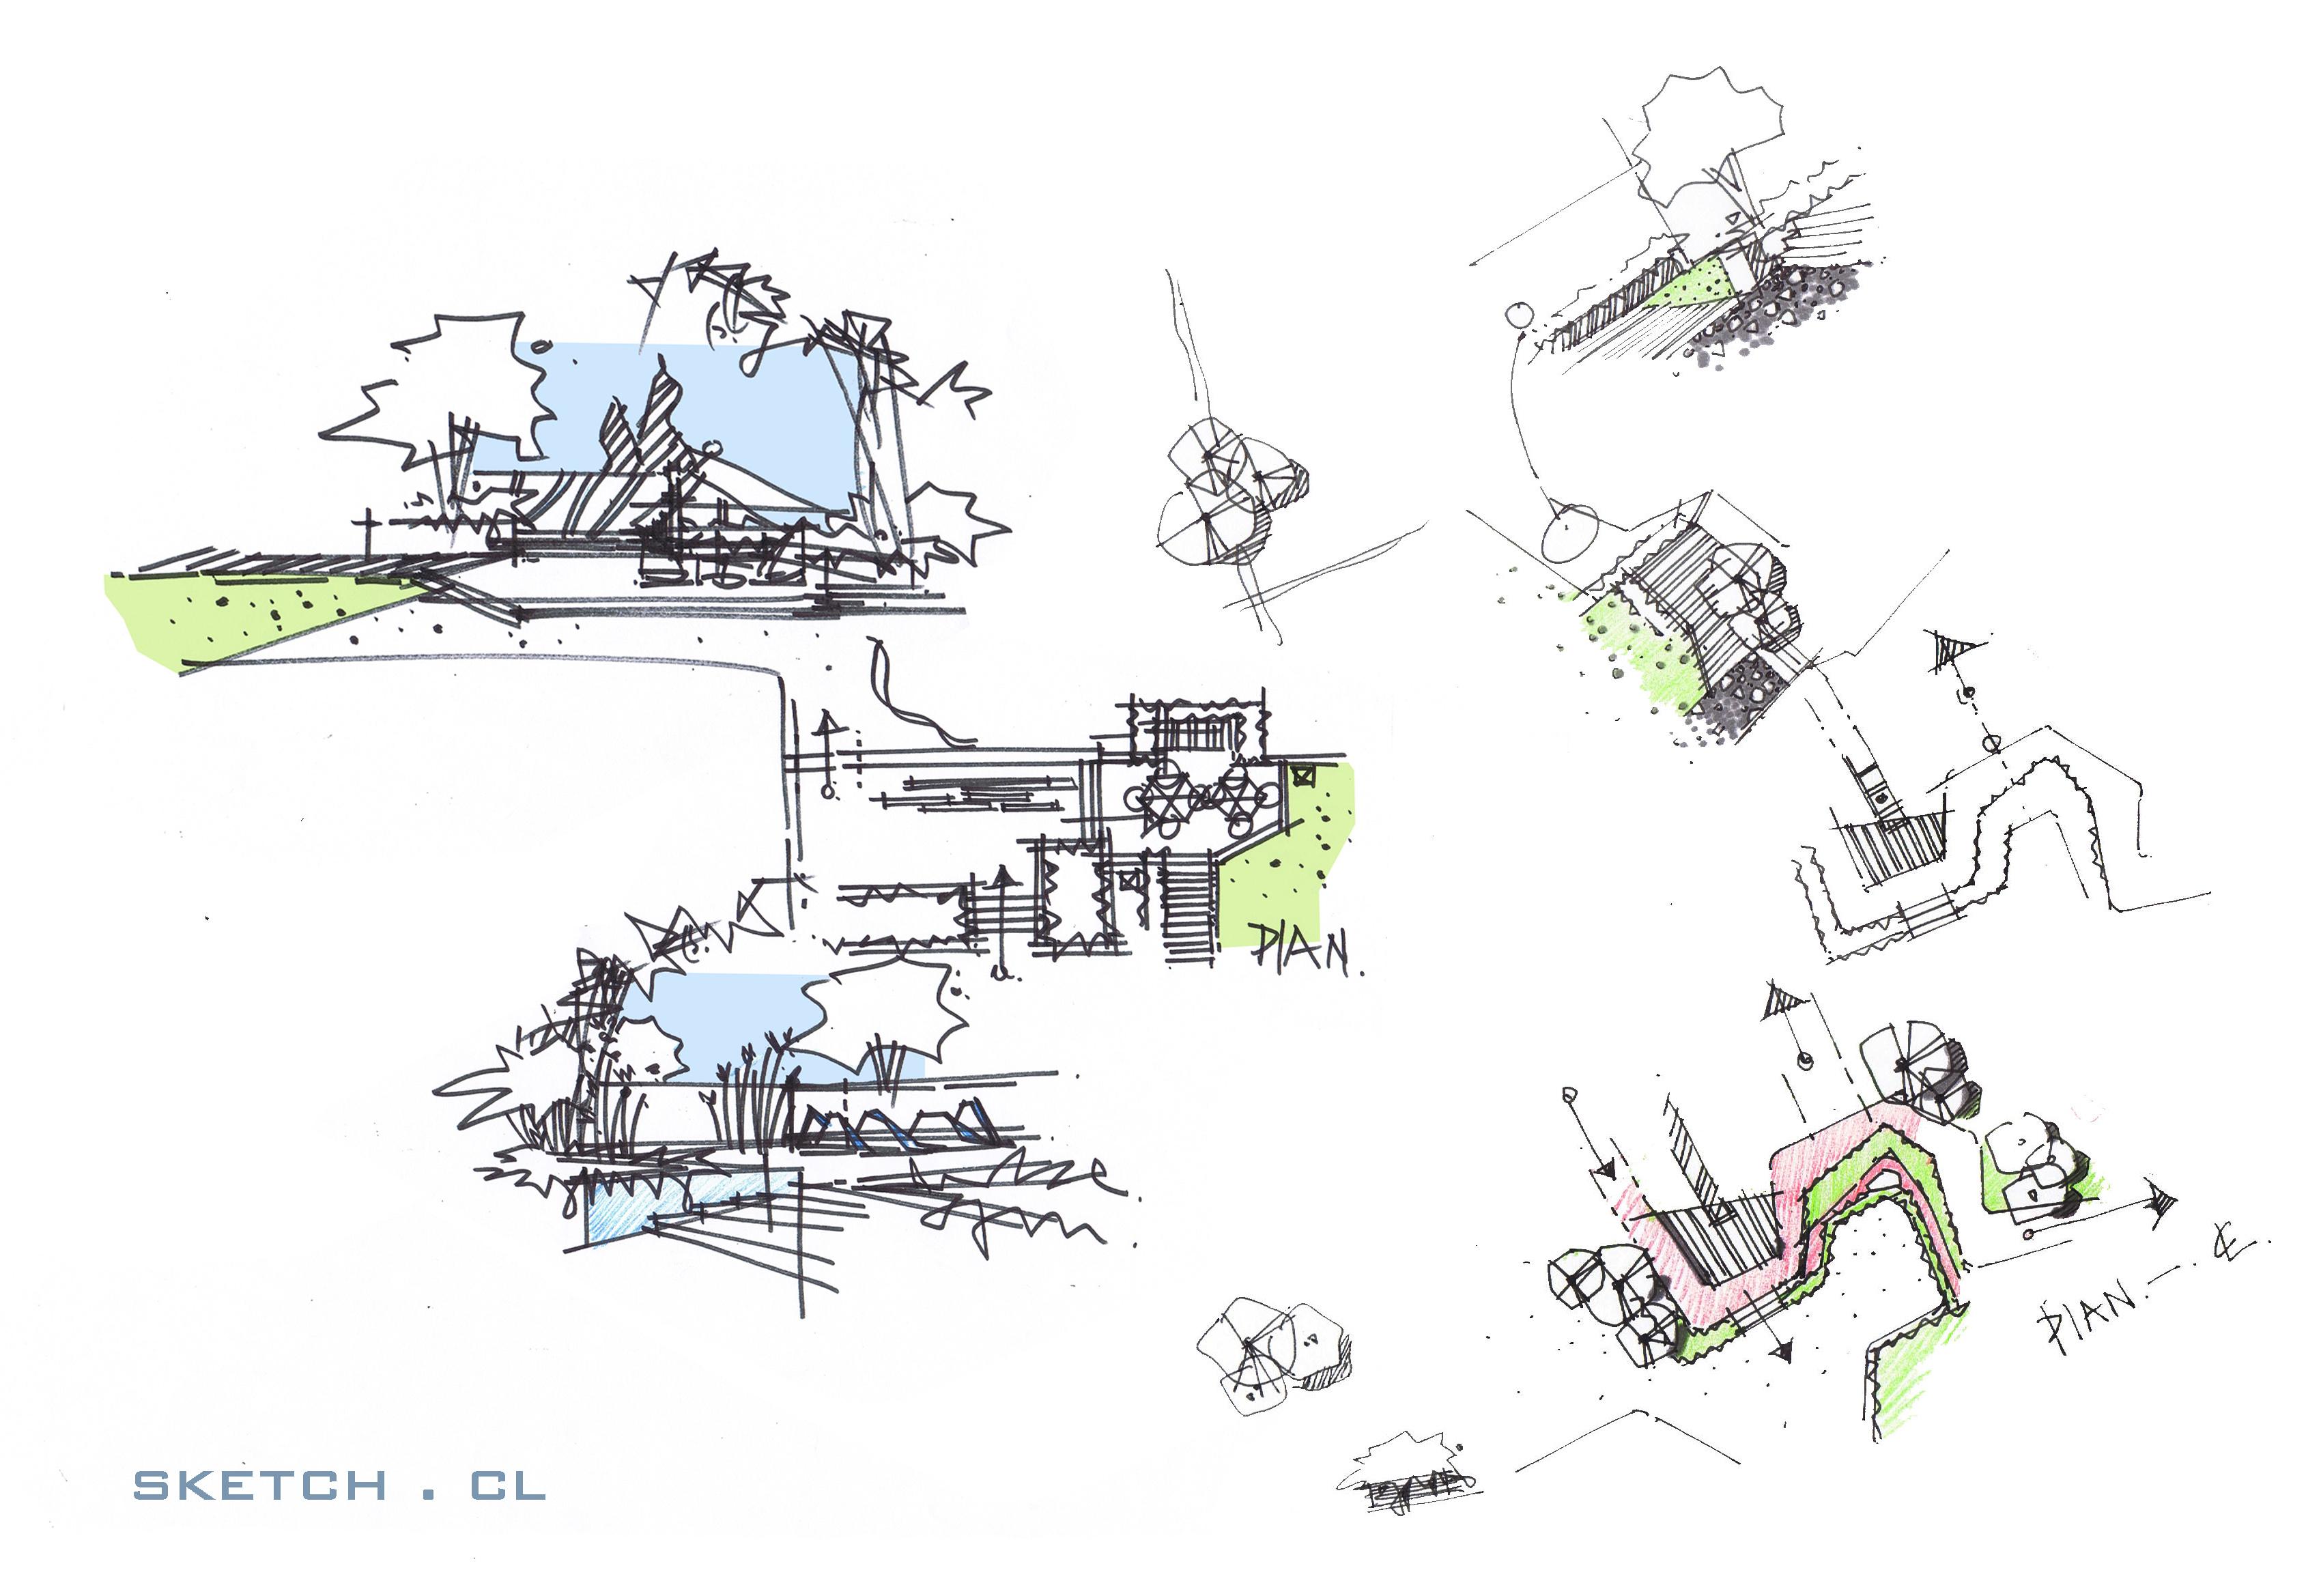 景观草图|空间|景观设计|磊子1220 - 原创作品 - 站酷图片